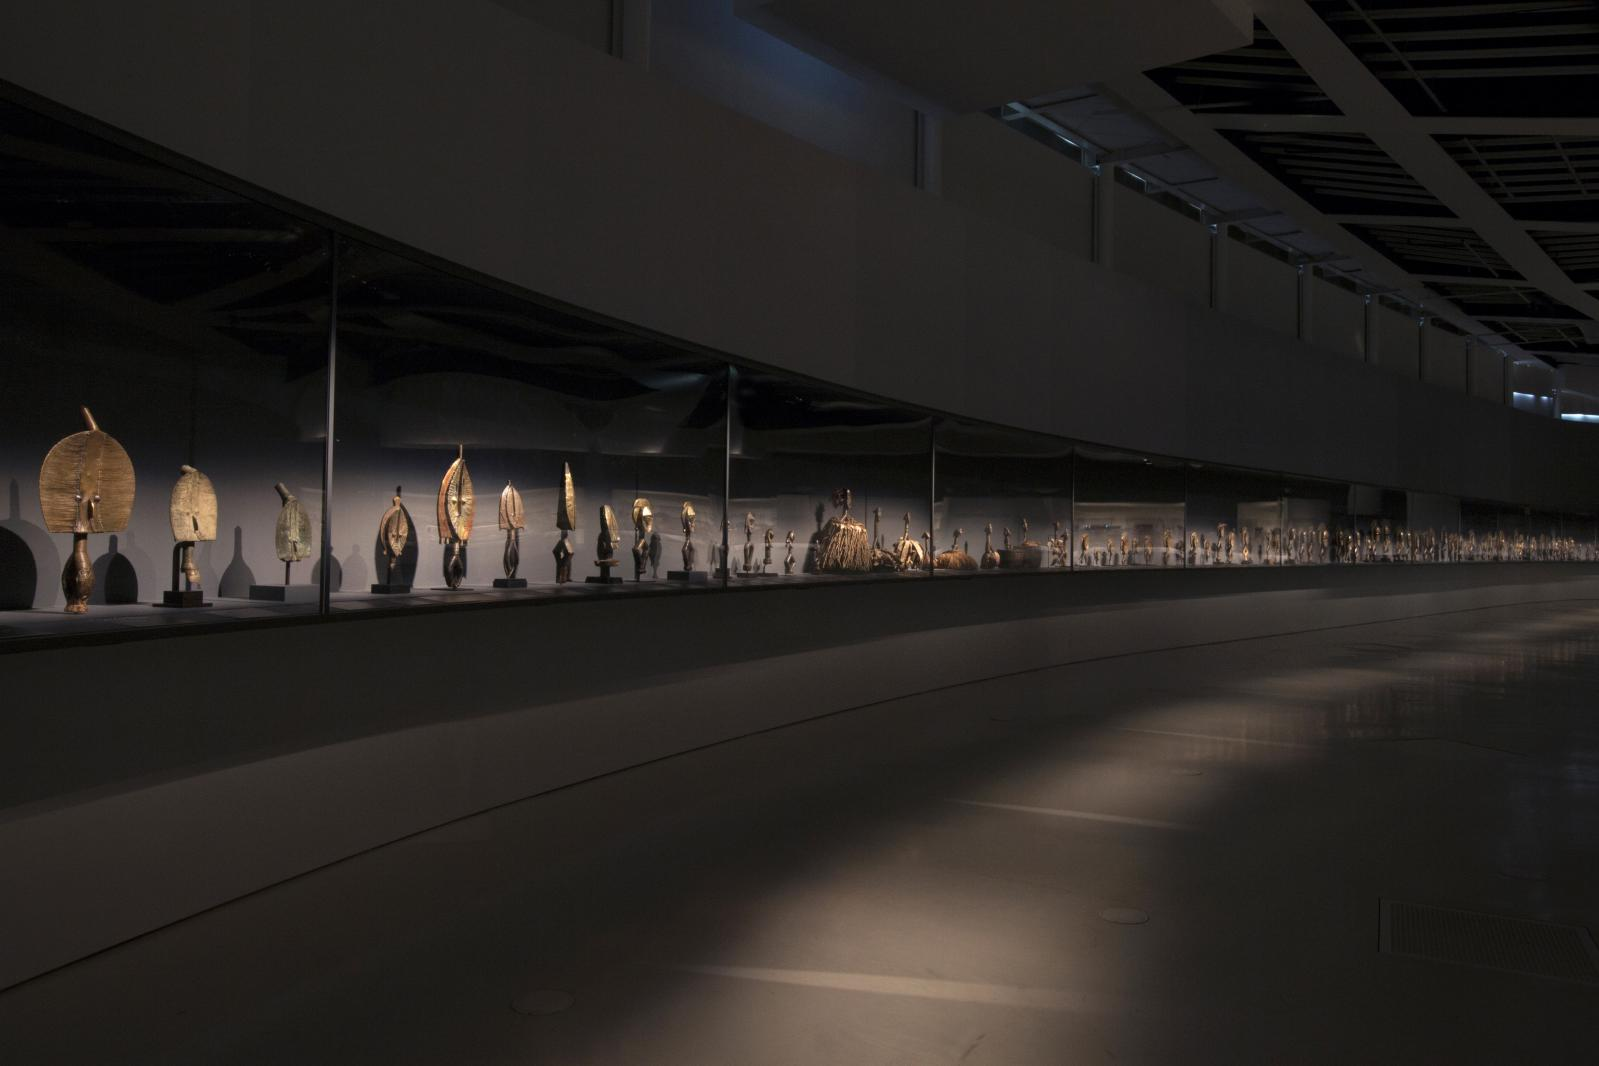 Vue de l'exposition «Les forêts natales, arts d'Afrique équatoriale atlantique». © Musée du quai Branly-Jacques Chirac photo Gautier Deblonde